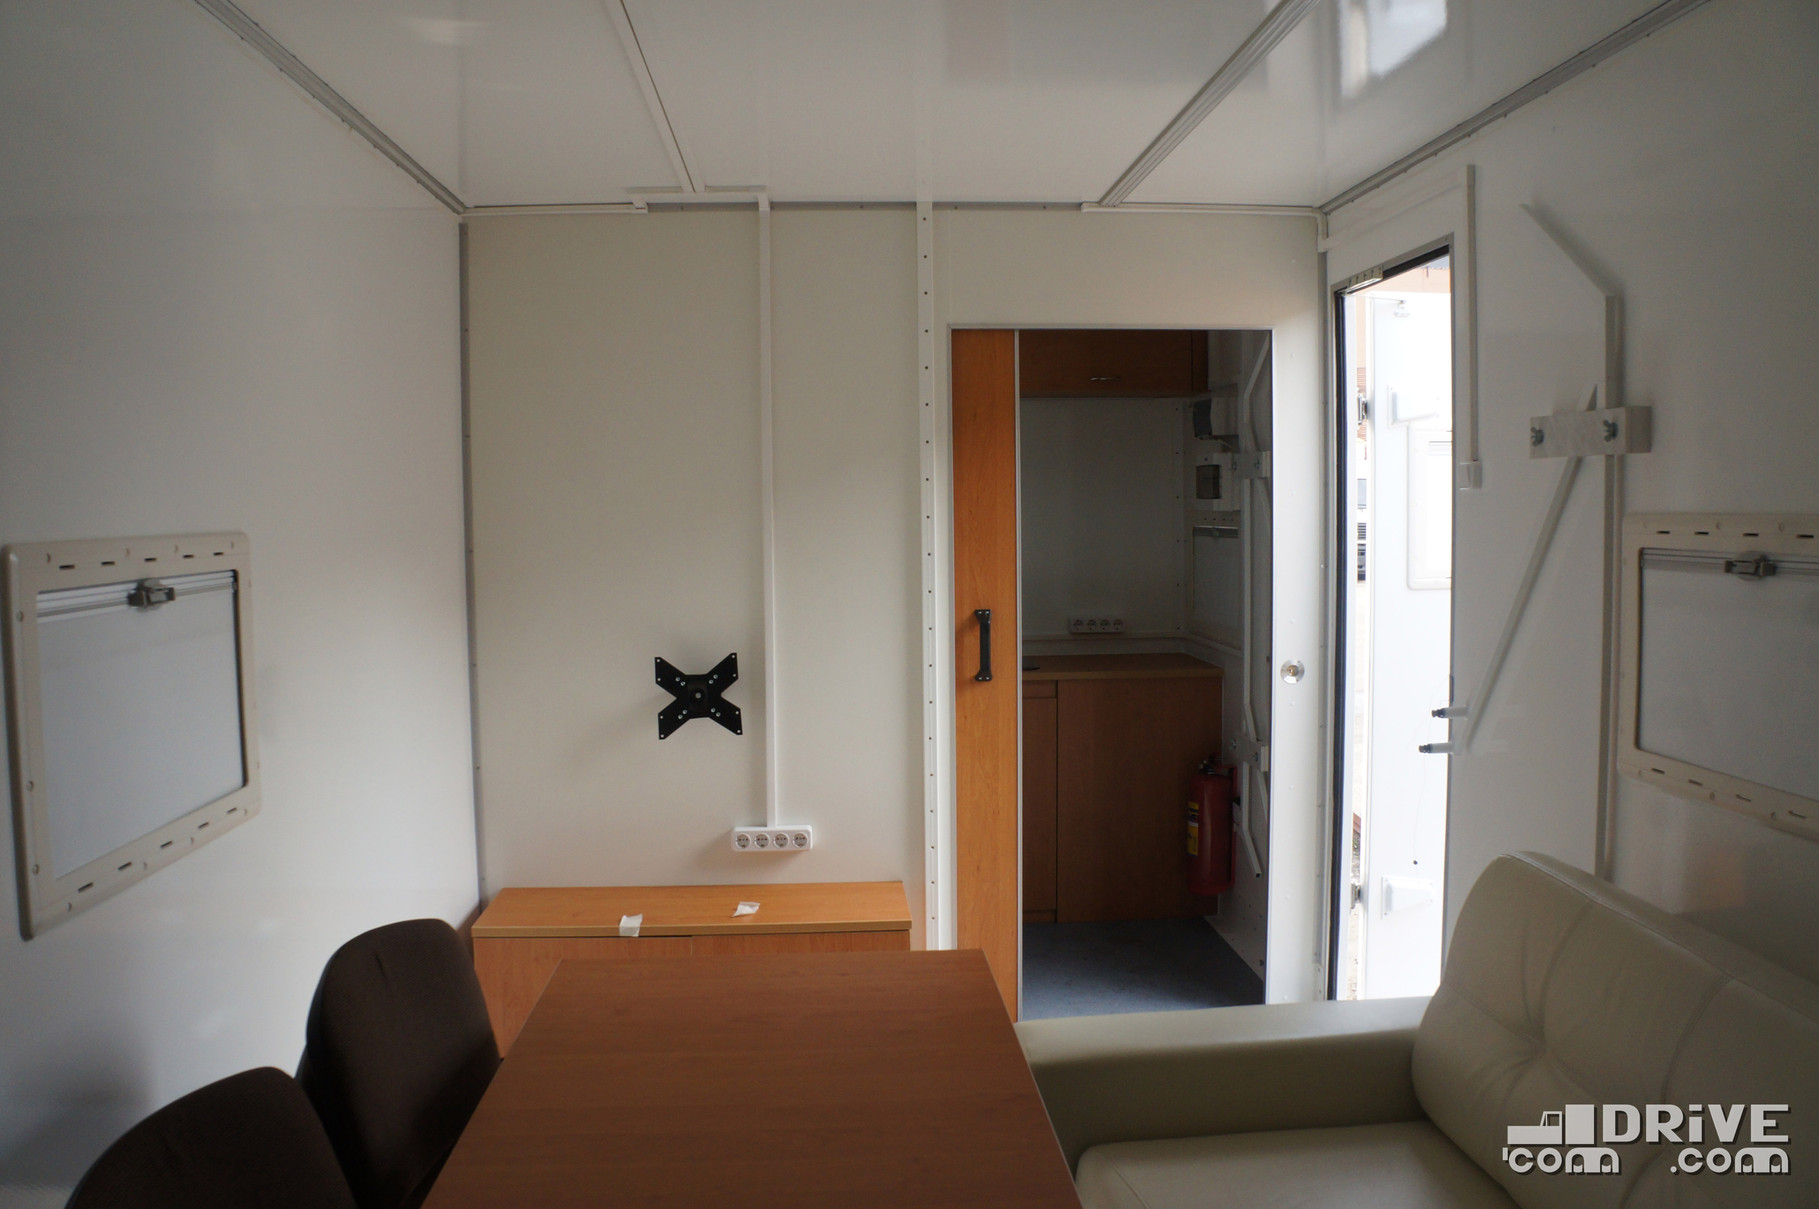 На внутренней перегородке предусмотрено крепление для солидного монитора и целых 4 розетки для допоборудования. В кухонный блок ведет сдвижная дверь